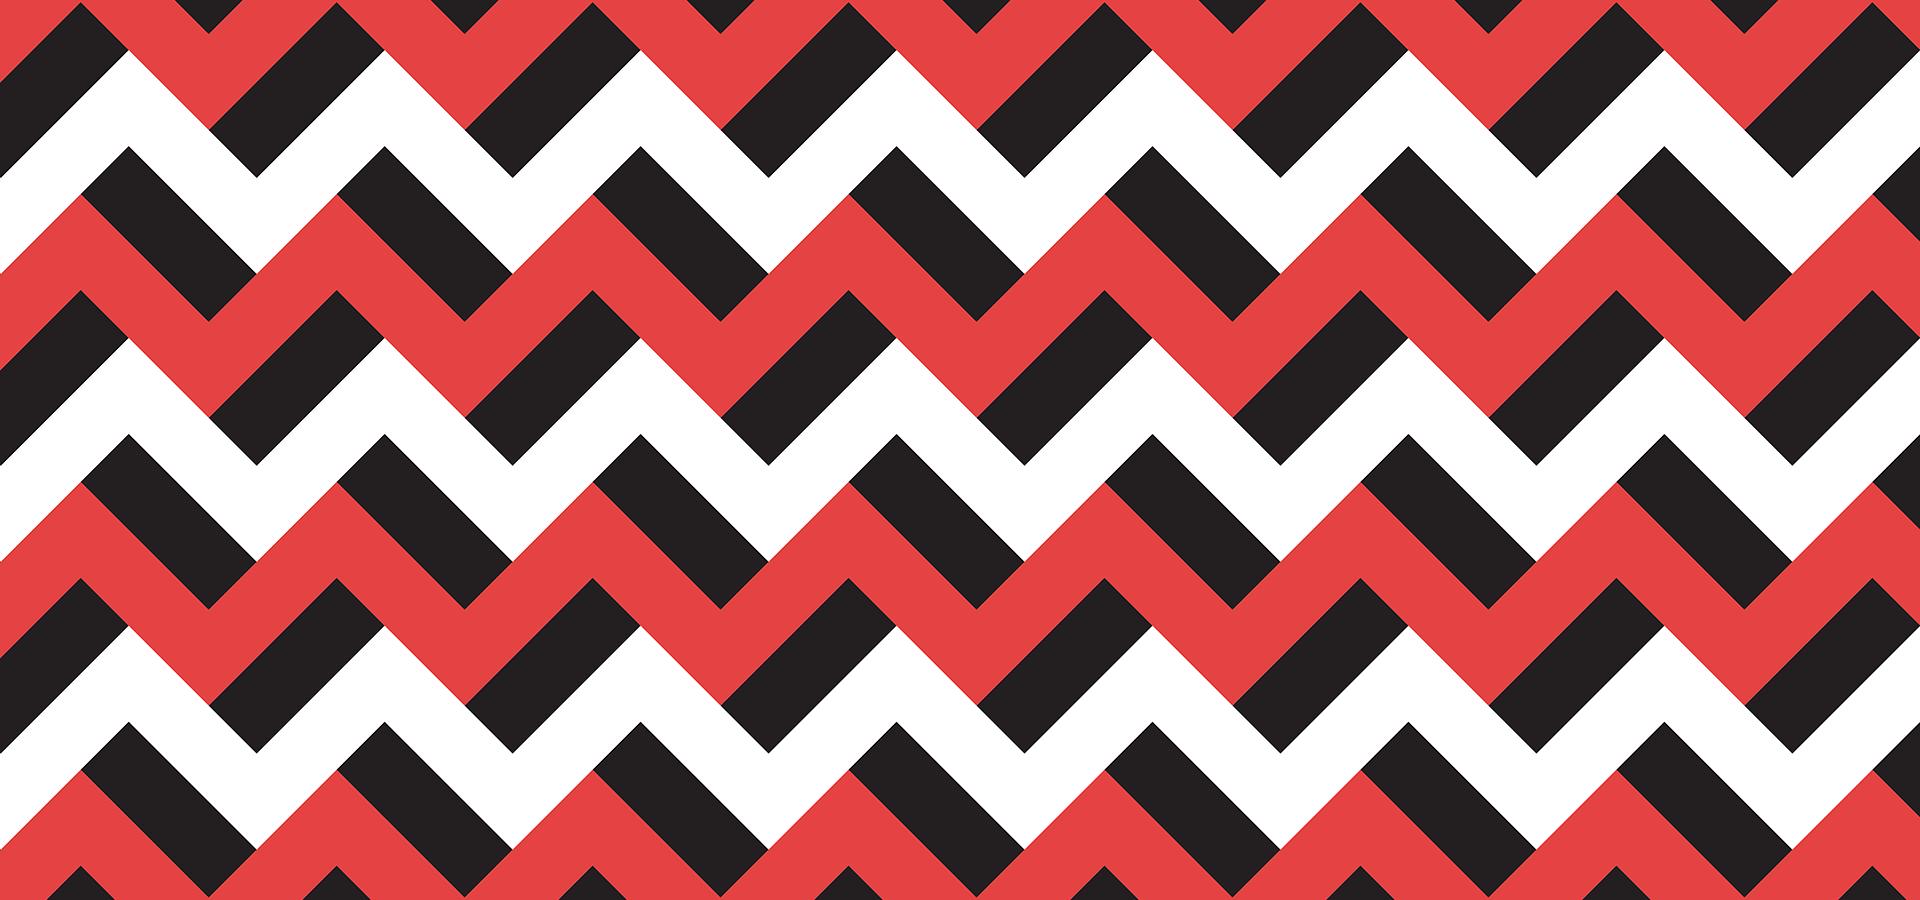 motif zigzags rouges noirs et blancs